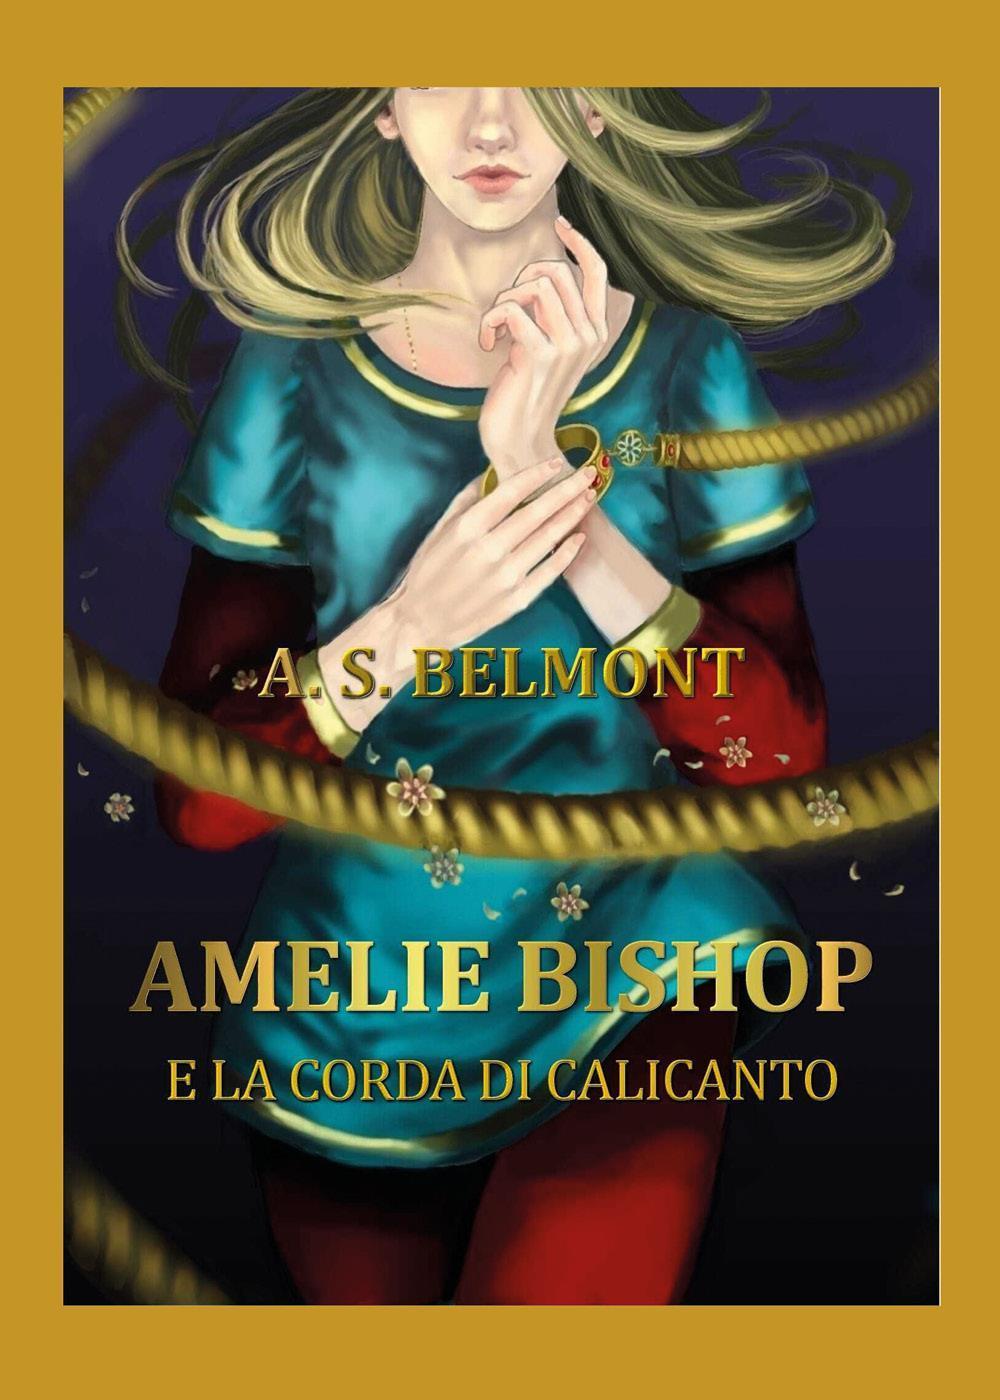 Amelie Bishop e la Corda di Calicanto